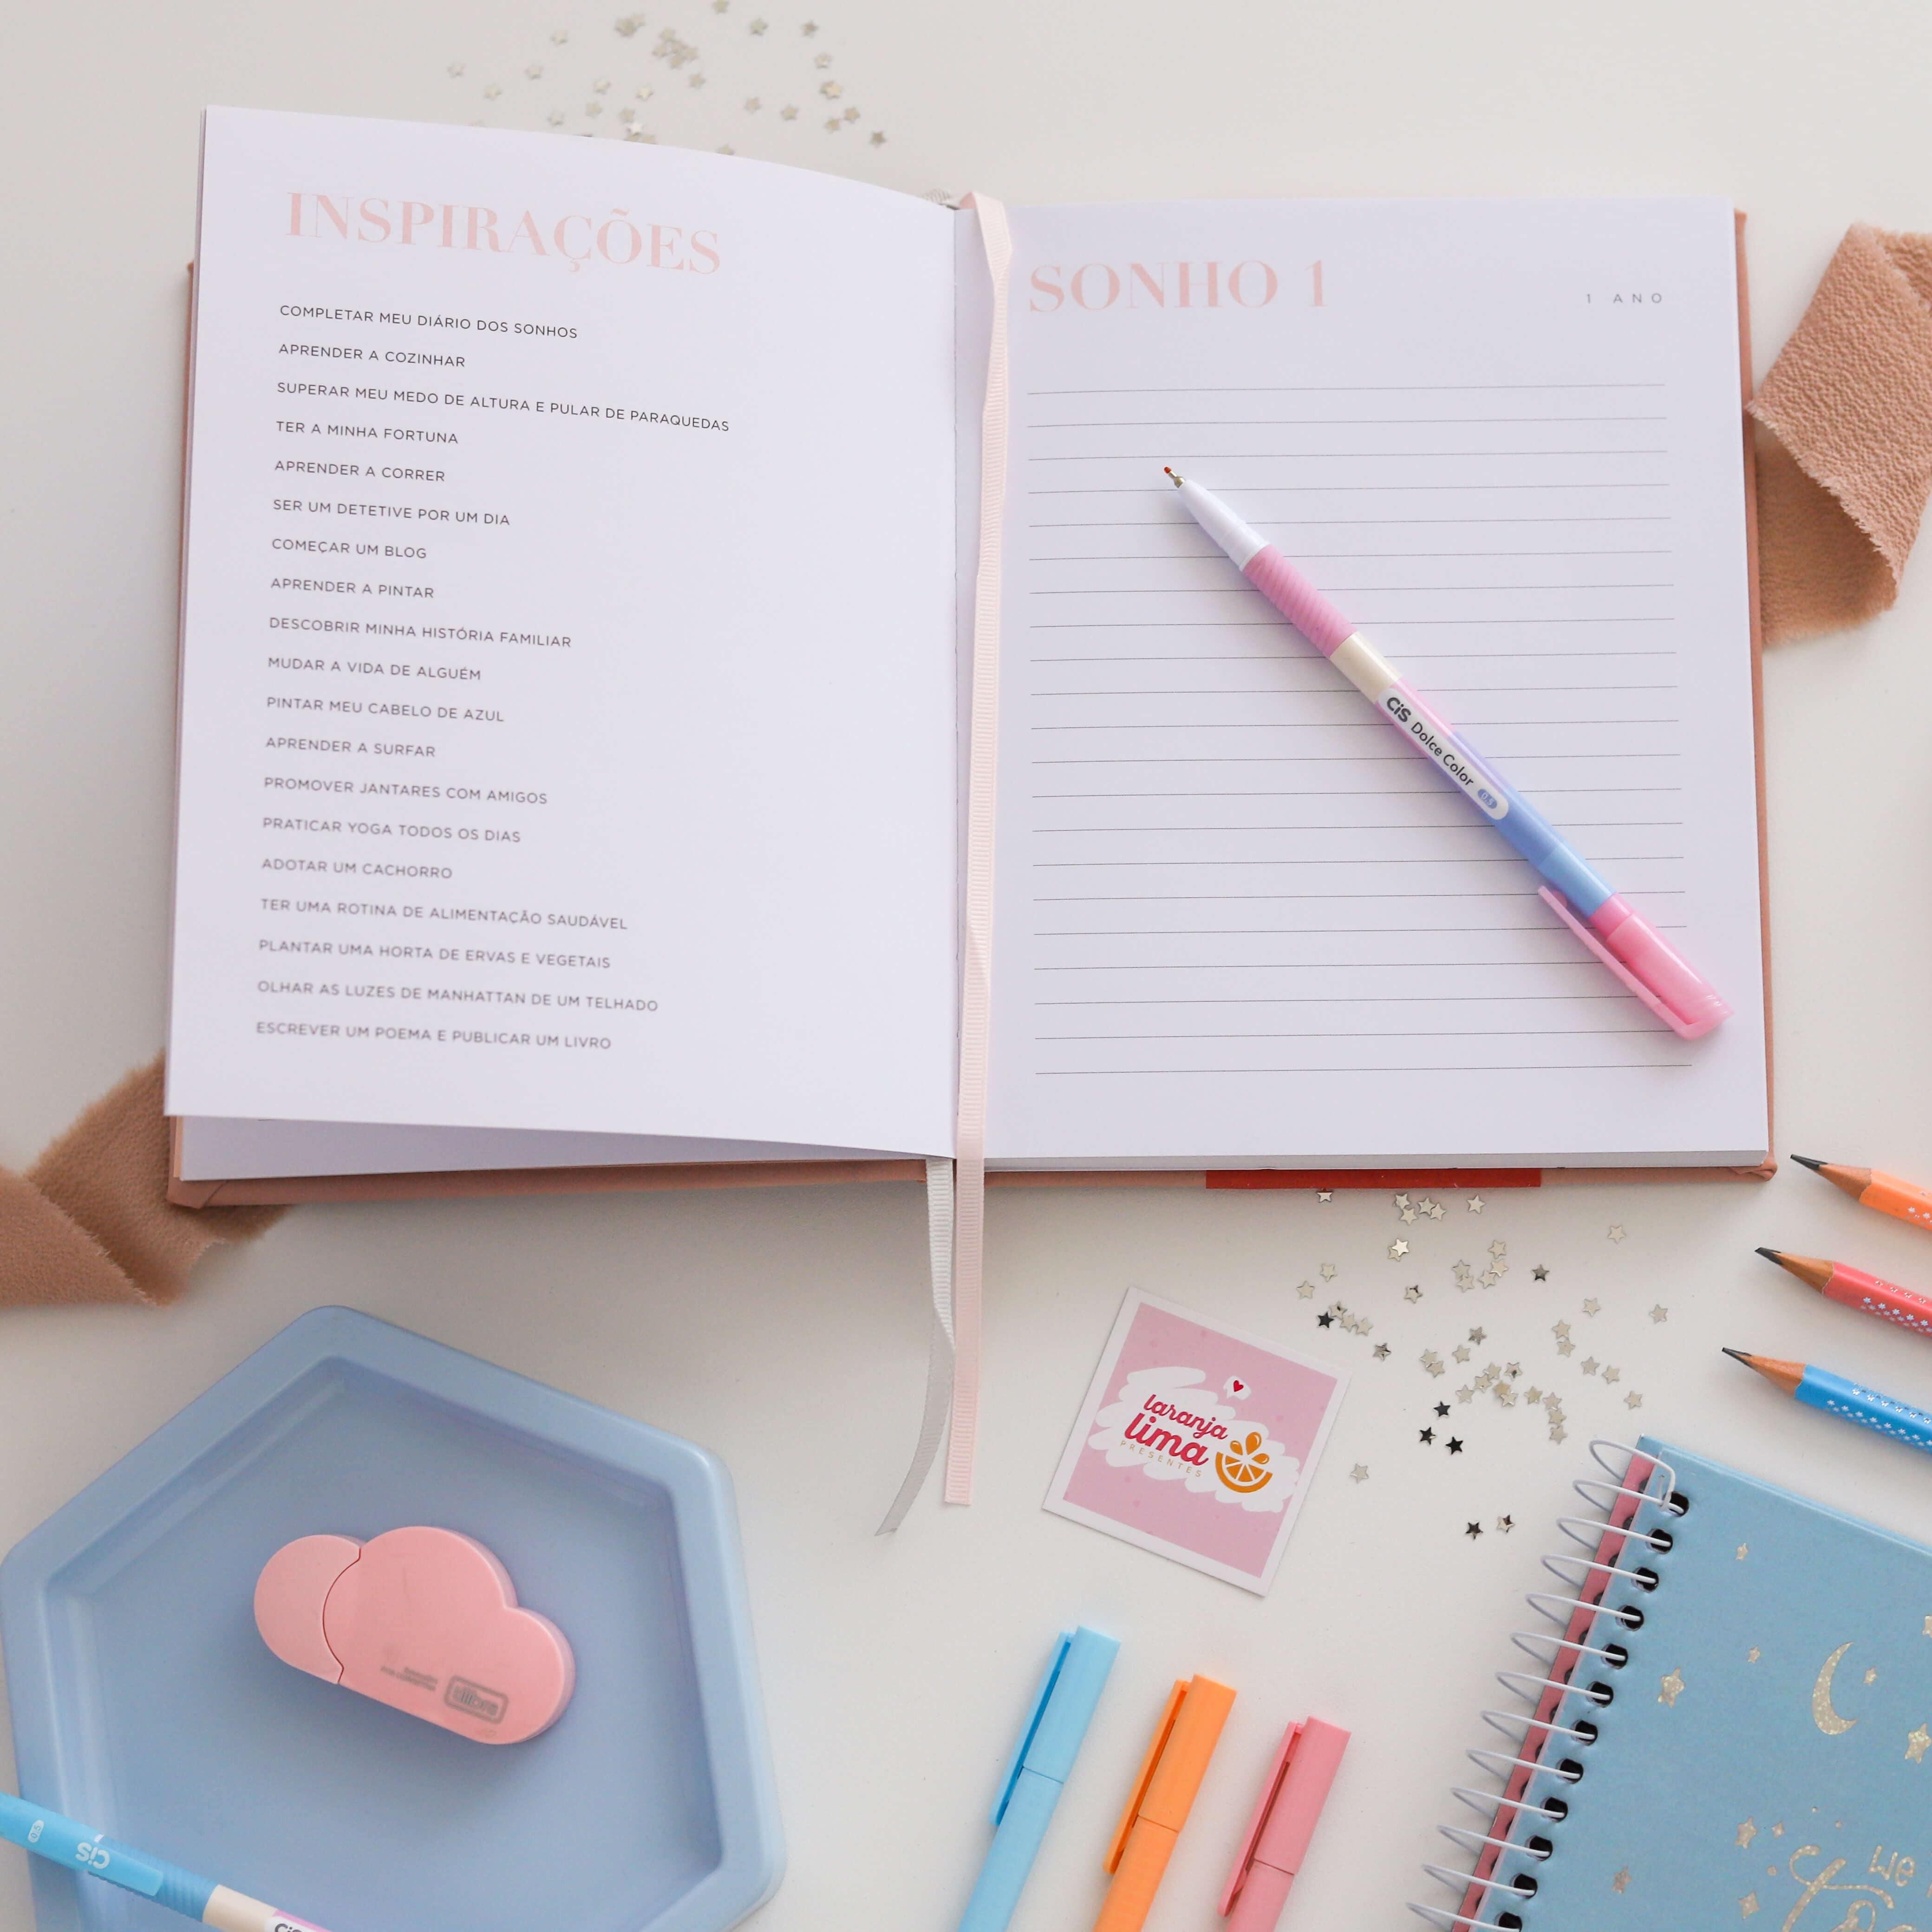 Descubra como ser criativo usando adesivos